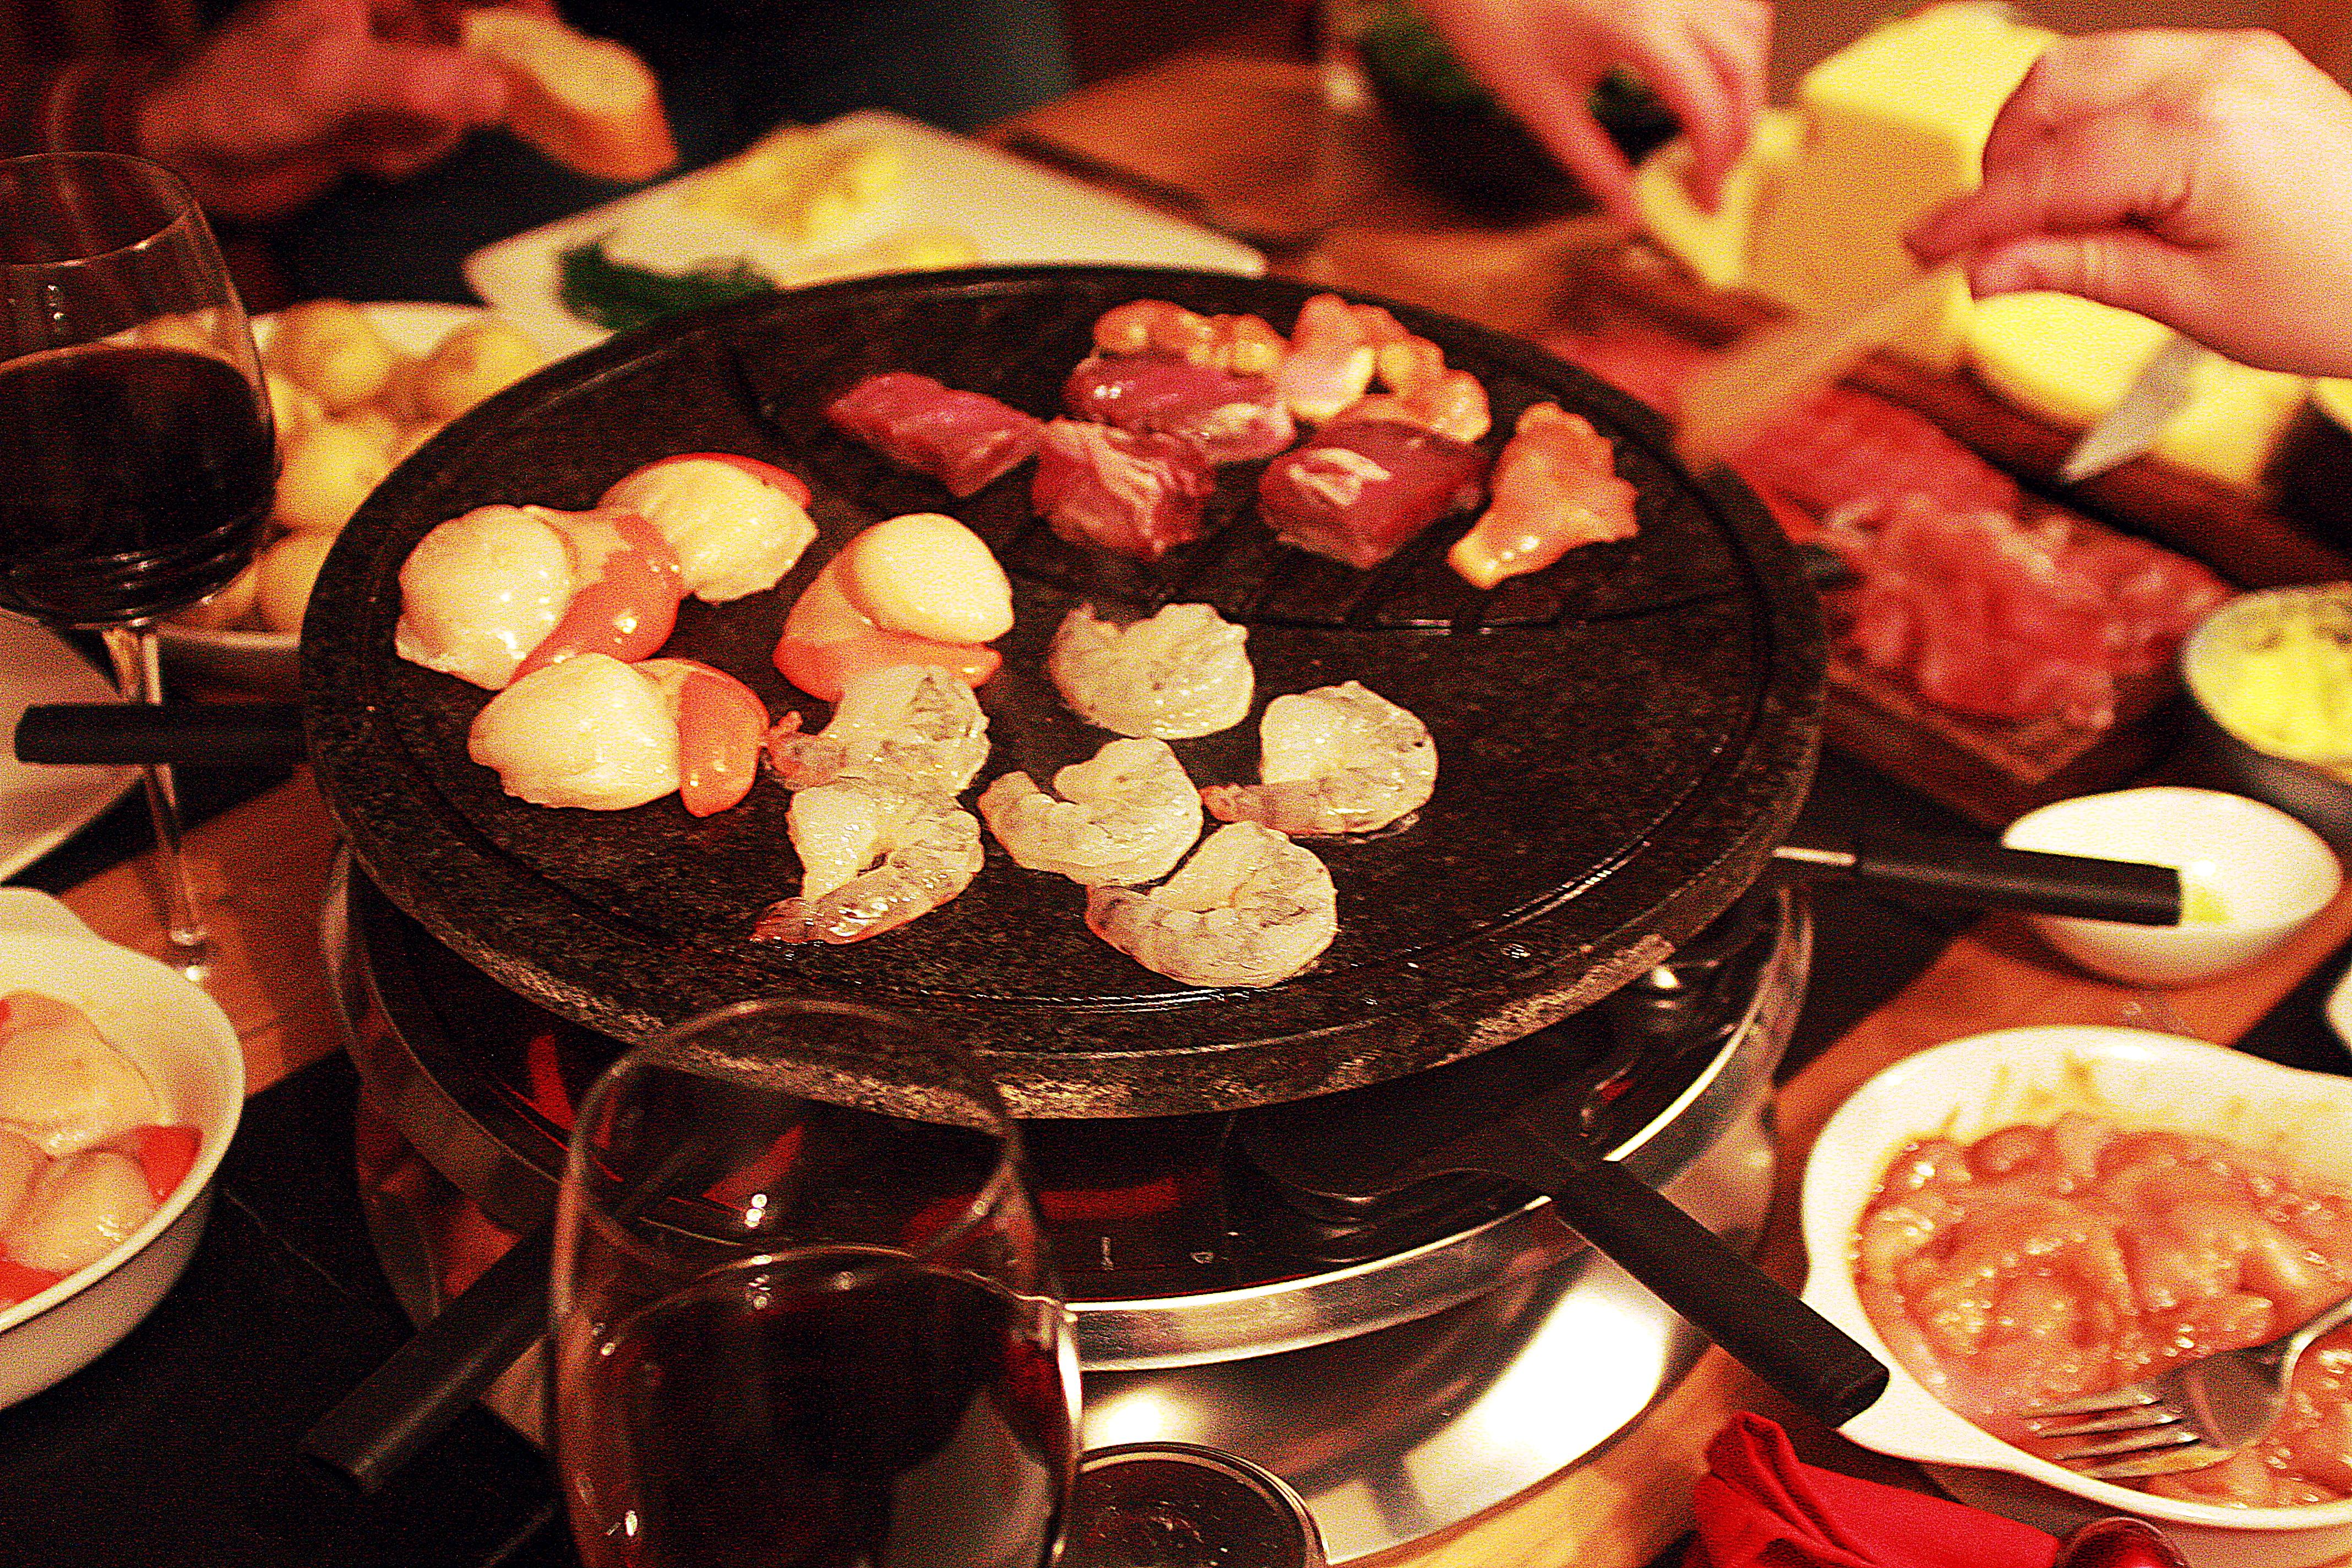 Pierrade Indoor Hot Stone Cooking Countrywoodsmoke Uk Bbq